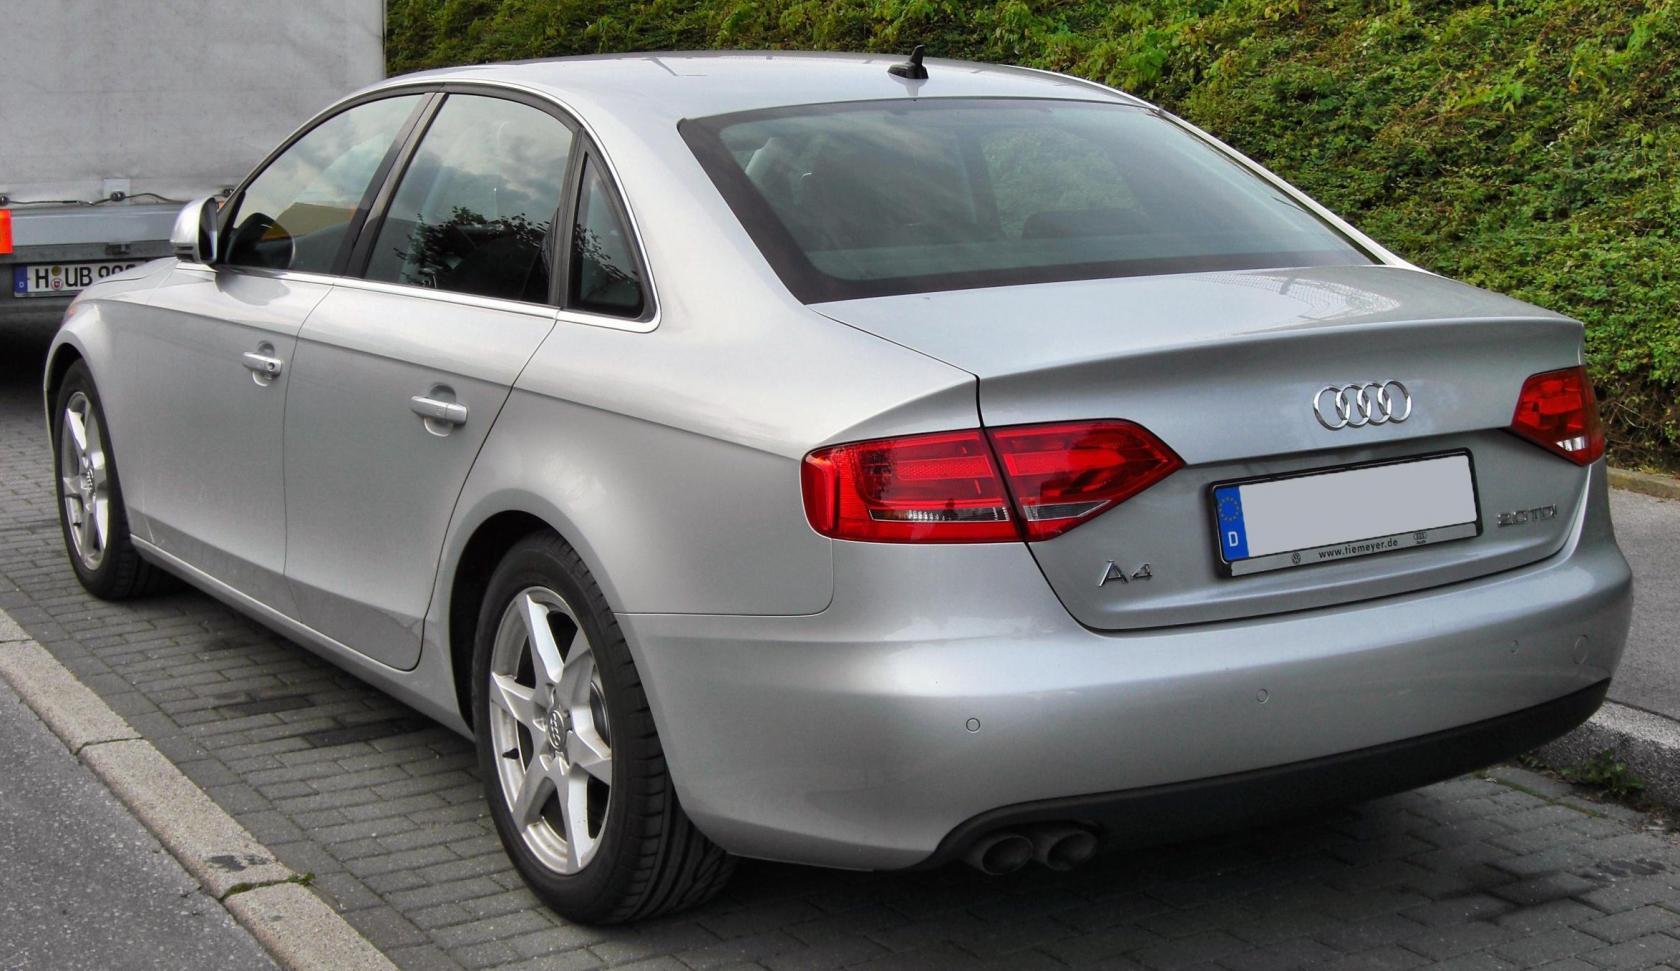 Audi-A4-B8-7